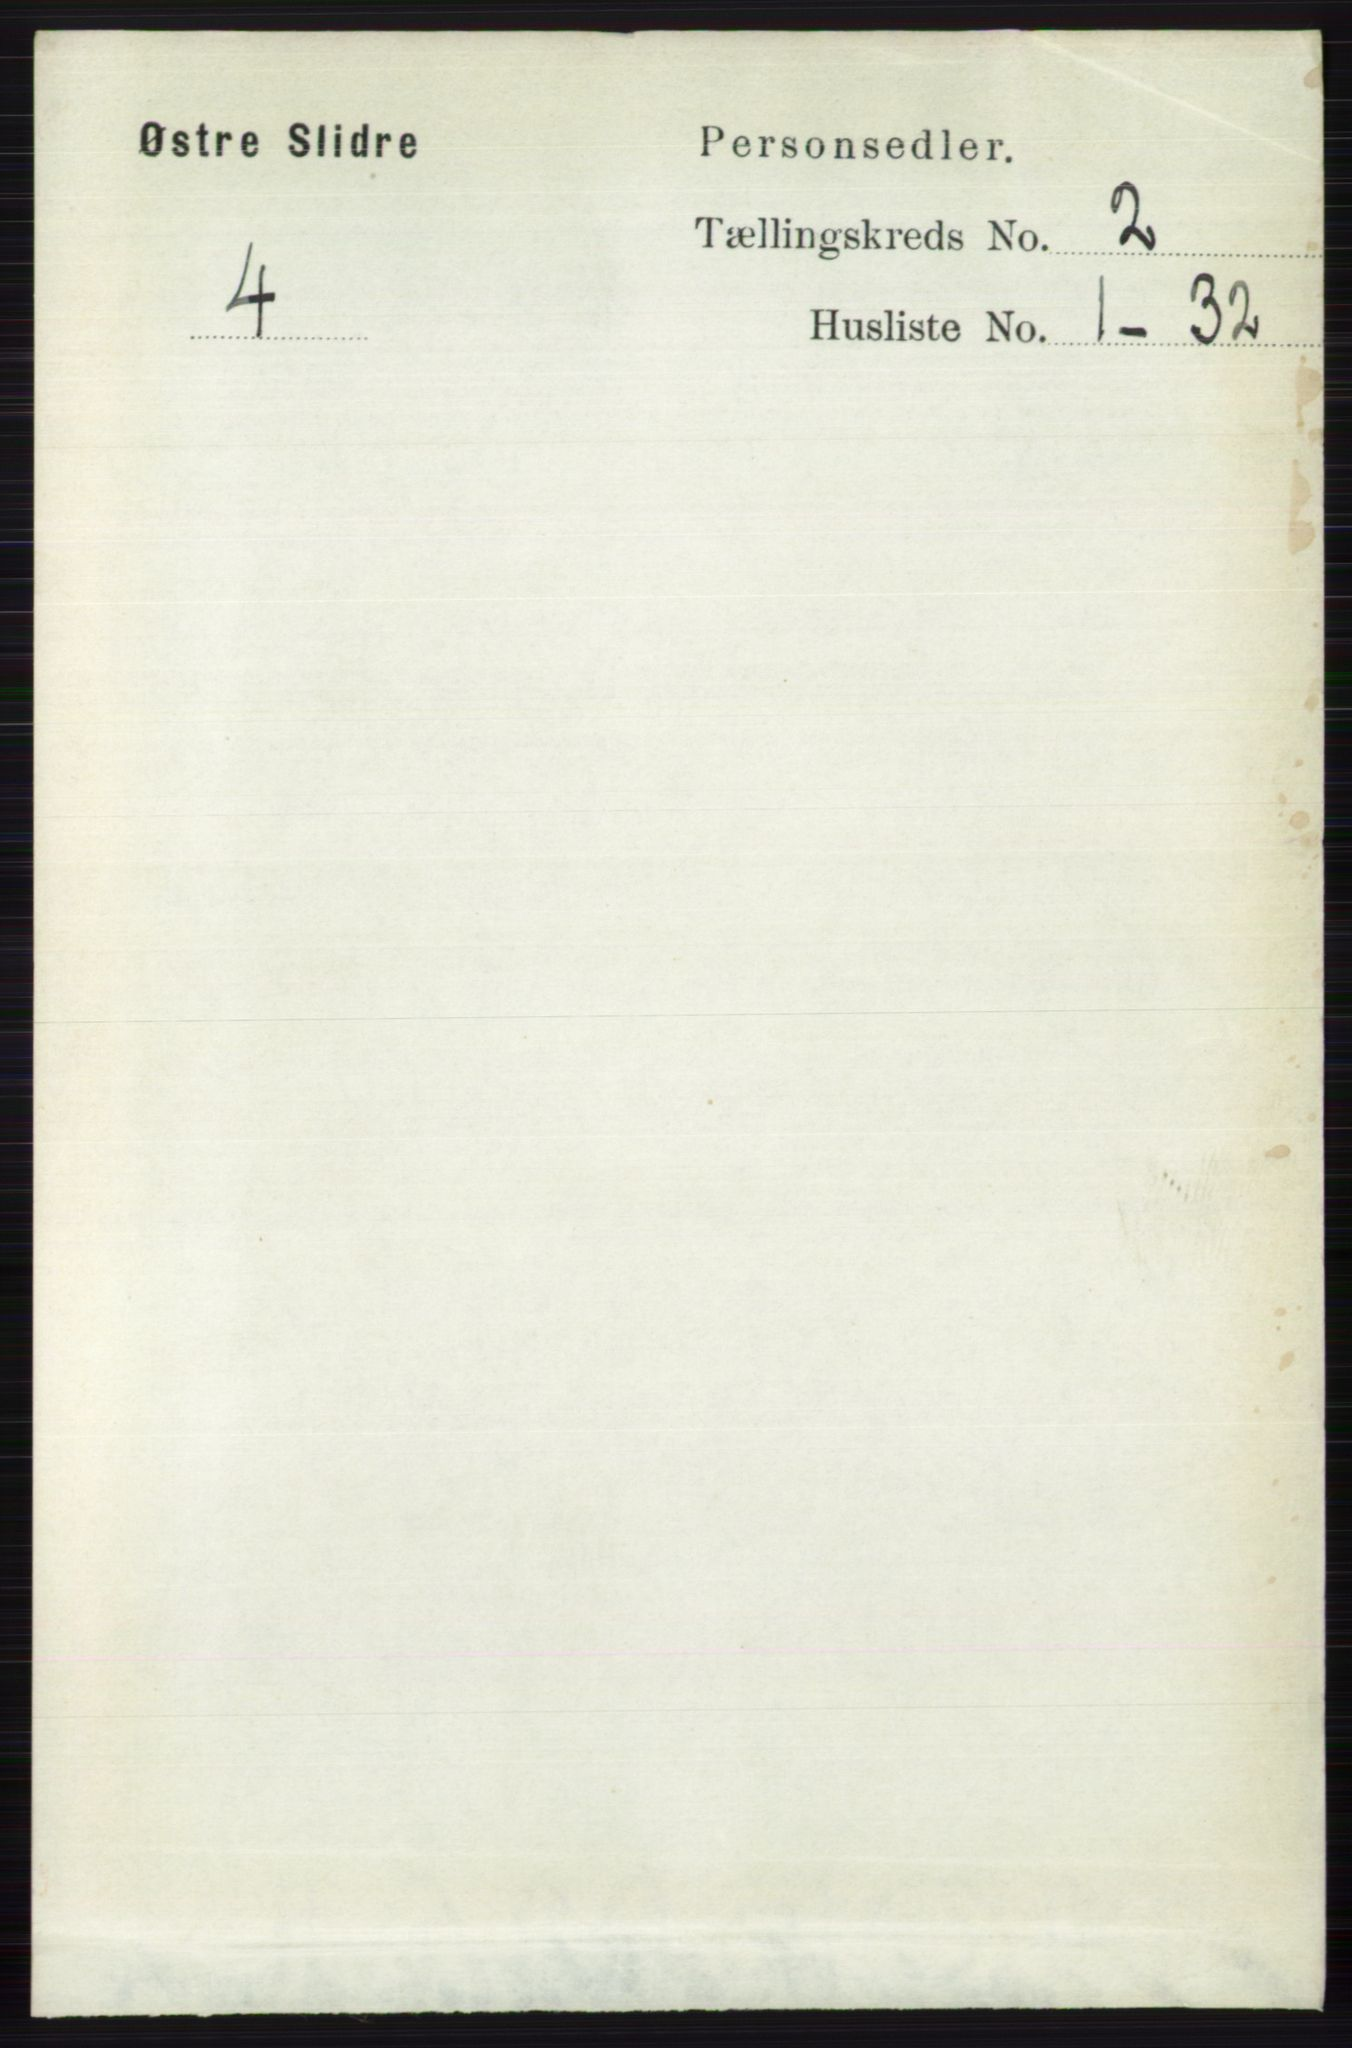 RA, Folketelling 1891 for 0544 Øystre Slidre herred, 1891, s. 272